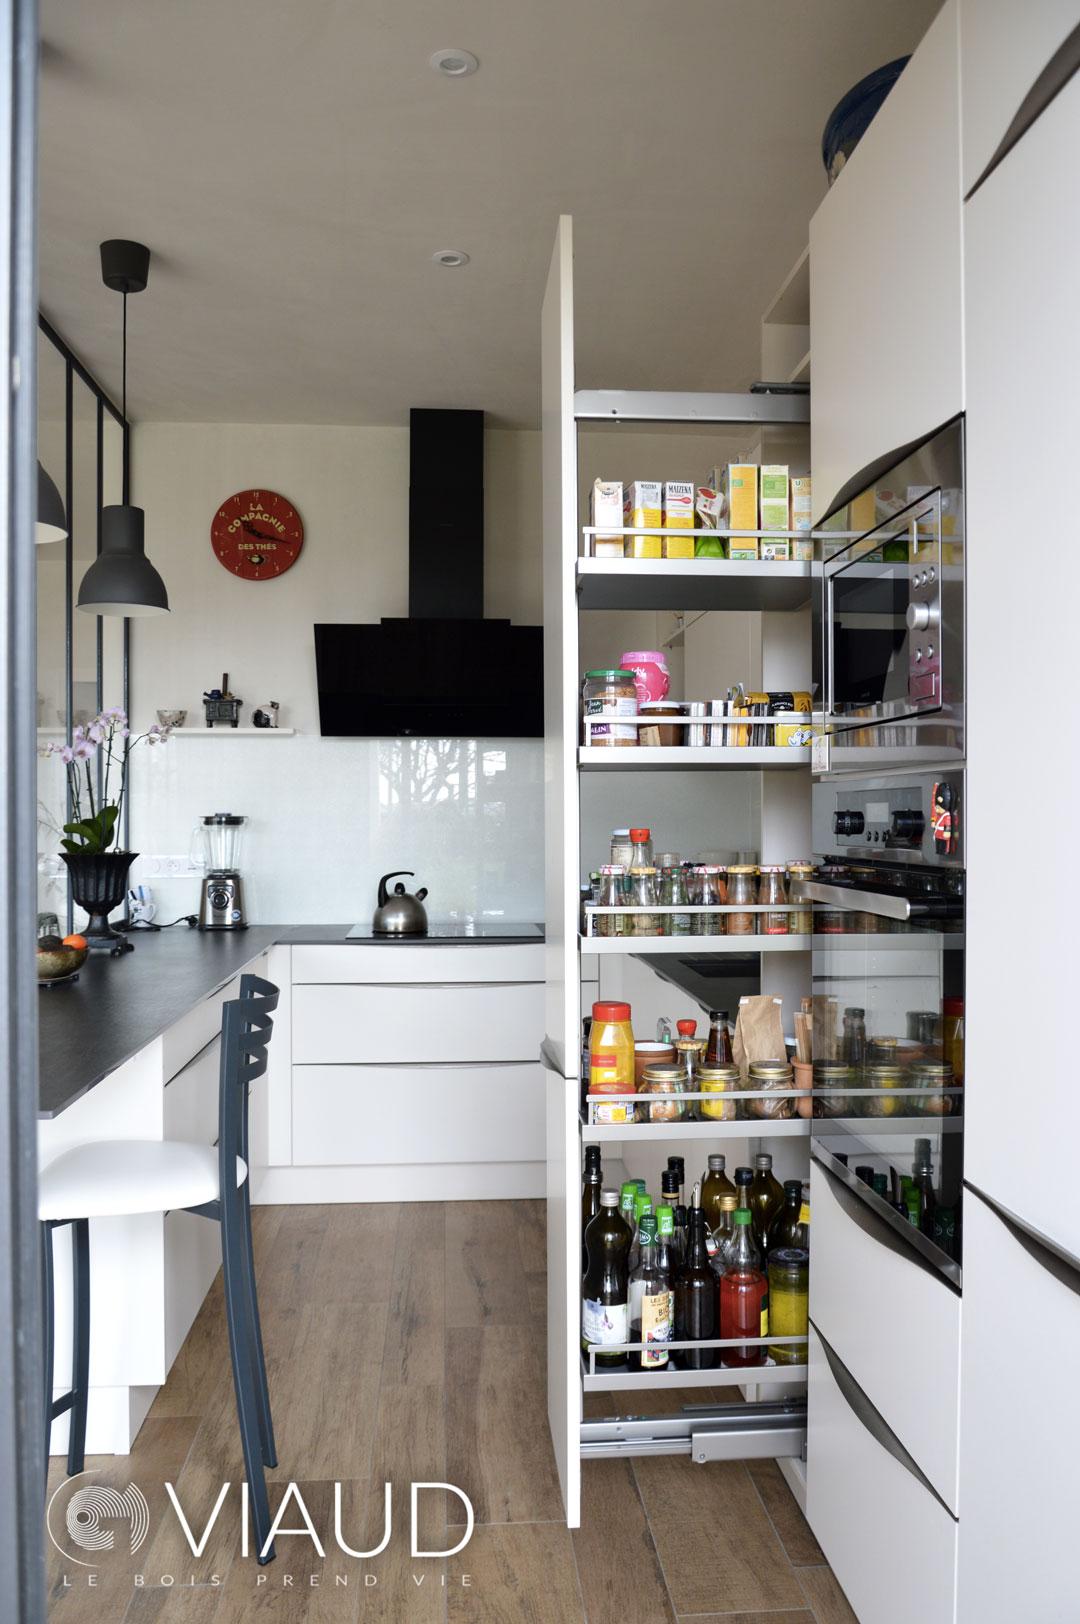 Cuisine-conteporaine-sur-mesure-grands-rangements-Saint-Gilles-Croix-de-Vie—G-Viaud-Cuisine-et-Meubles